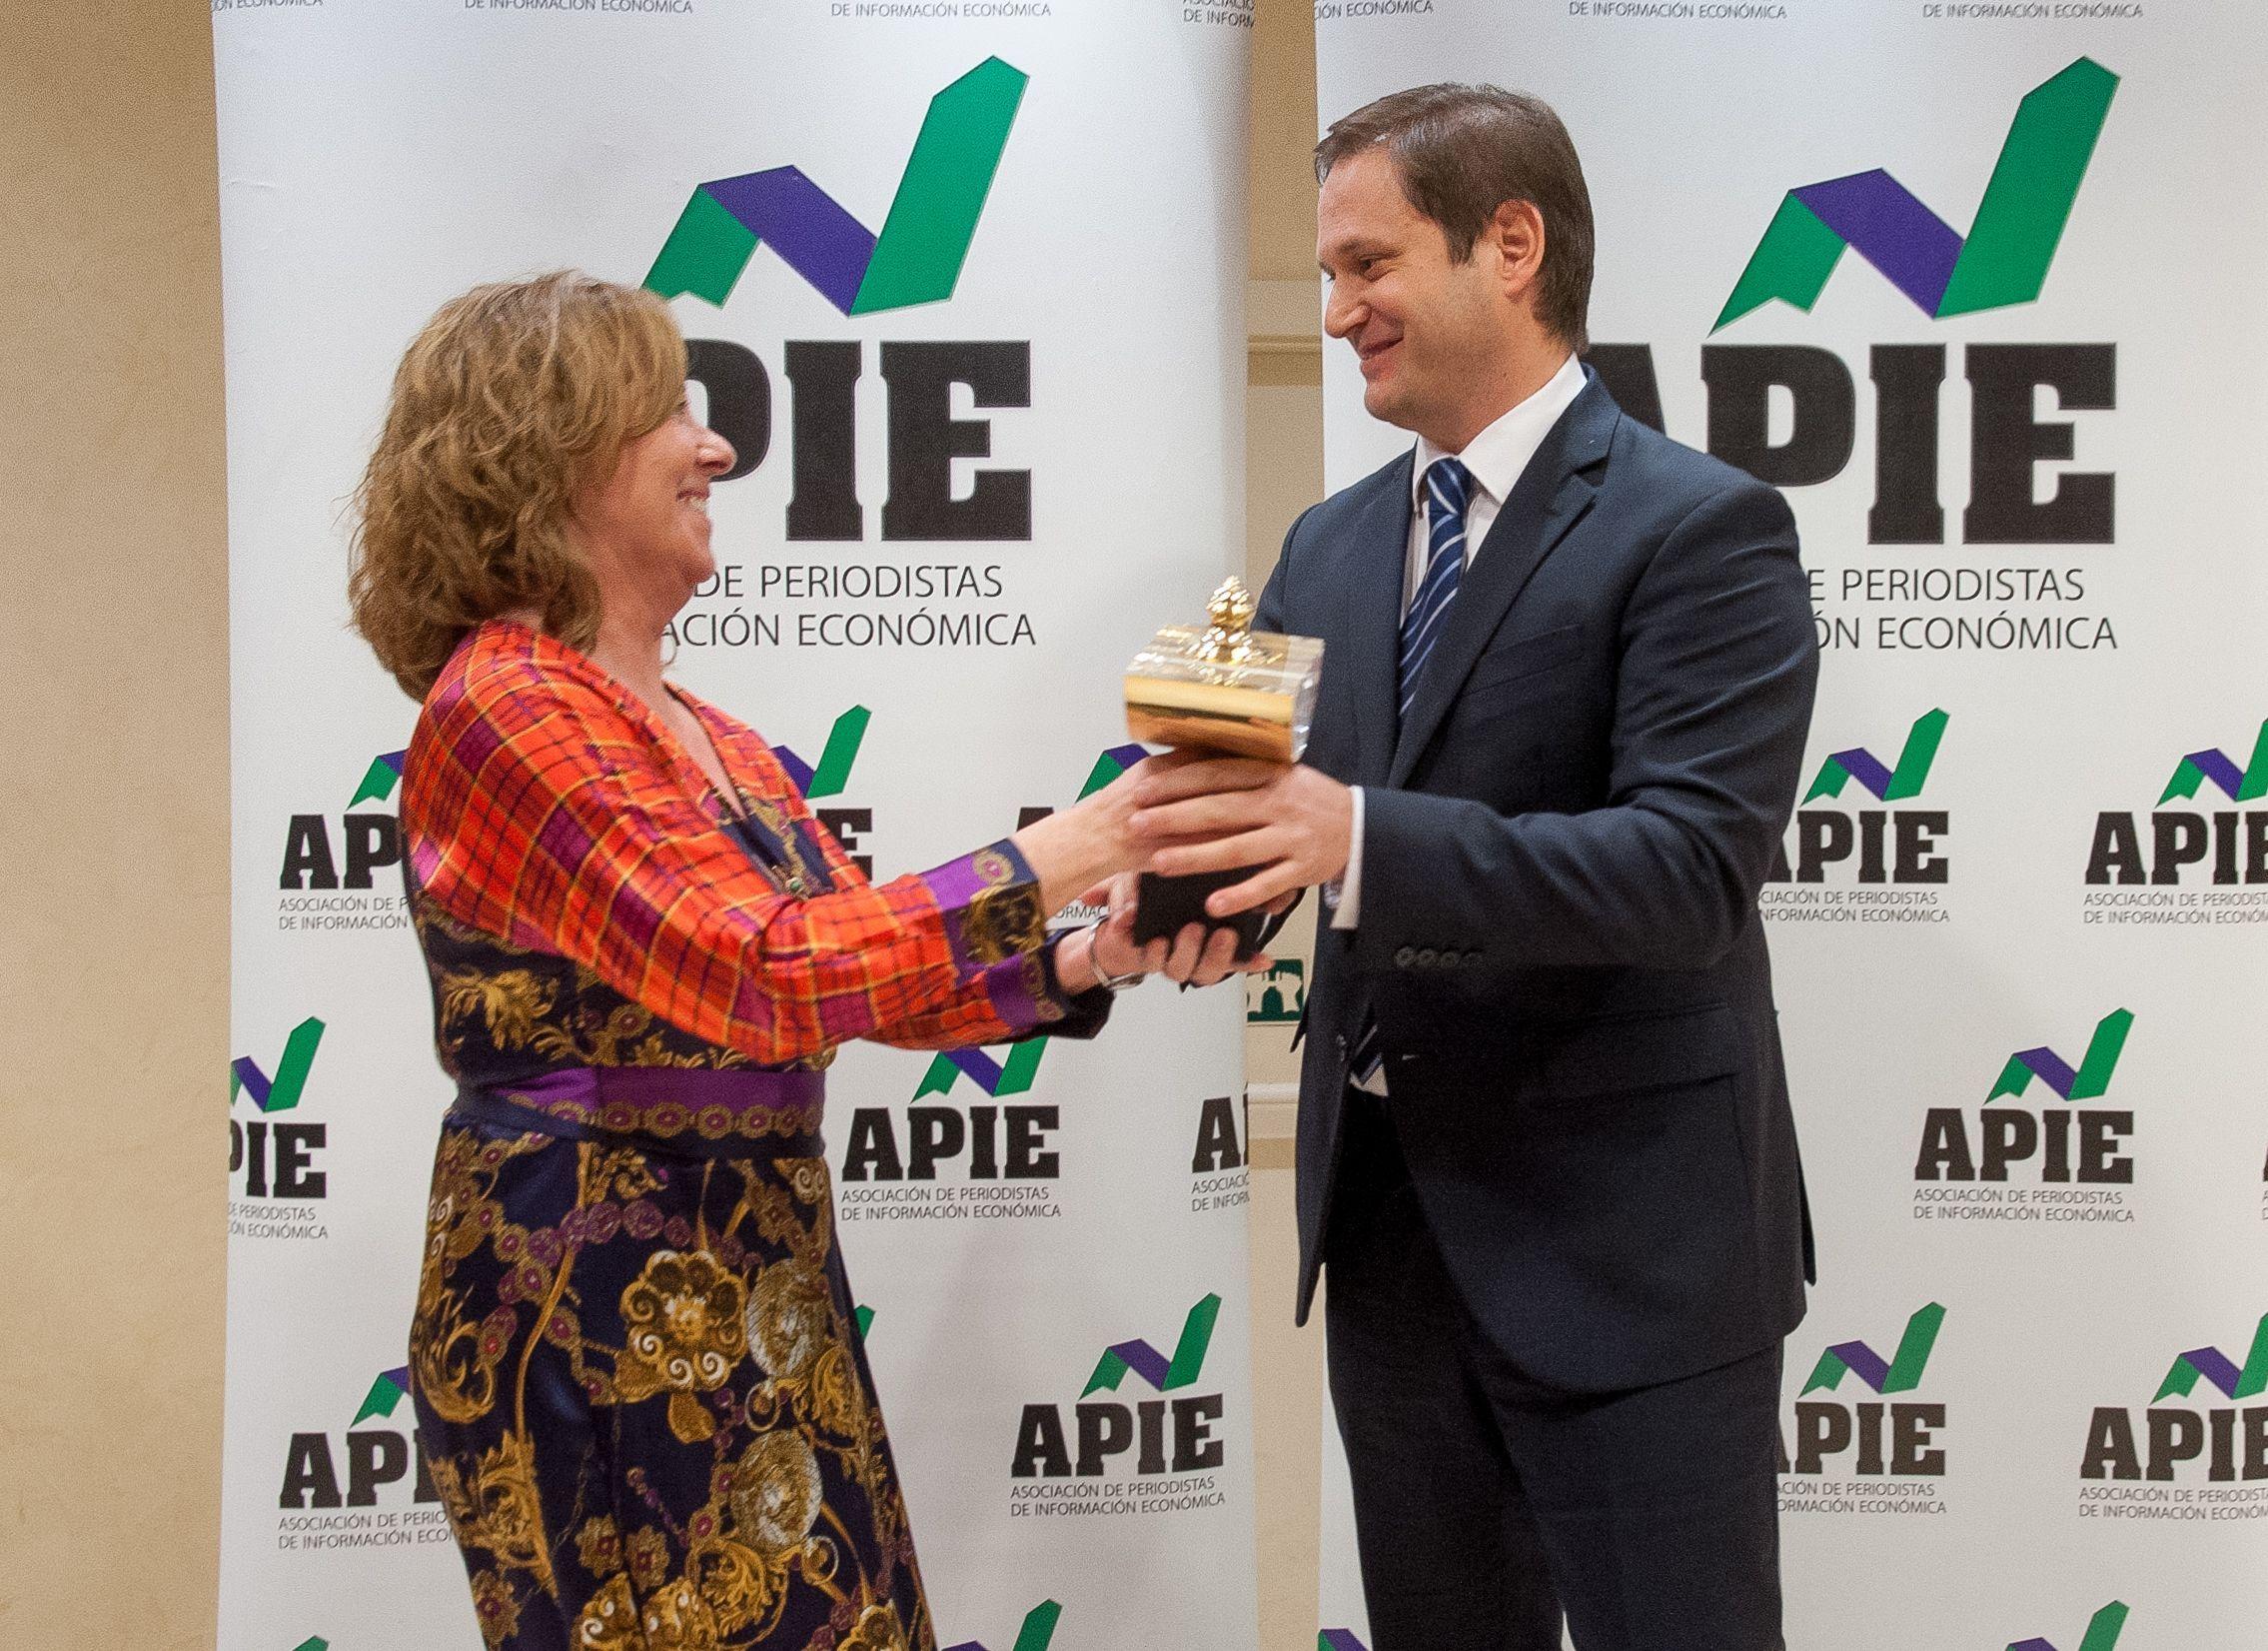 Amparo Estrada, Vicepresidenta de la APIE, entrega el premio Secante 2018 a Paul Tobin, Director de Comunicación del BBVA, que acudió a recogerlo en representación de su Consejero Delegado, Carlos Torres.